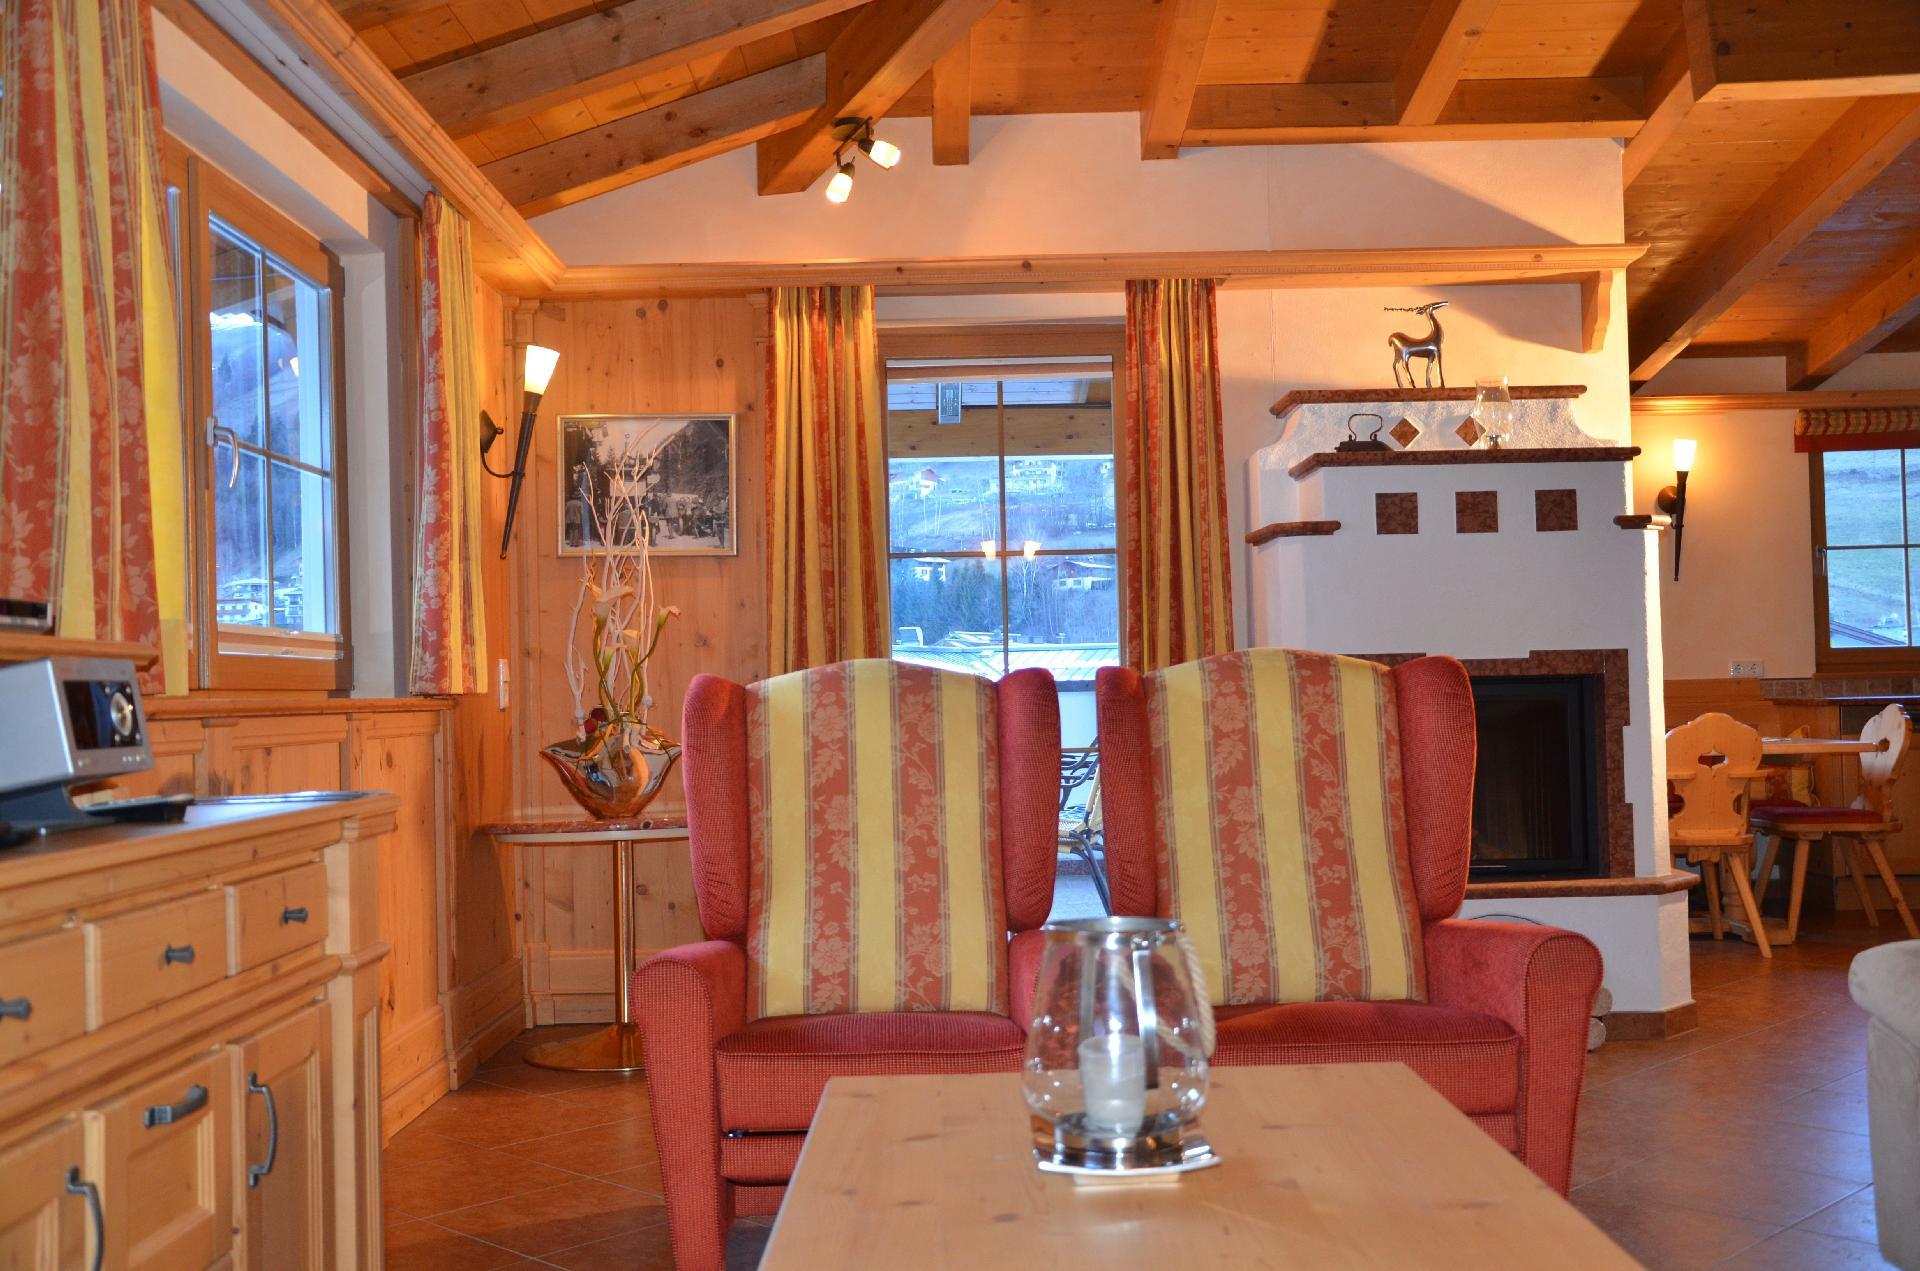 Ferienwohnung für 6 Personen ca. 100 m²   in Österreich